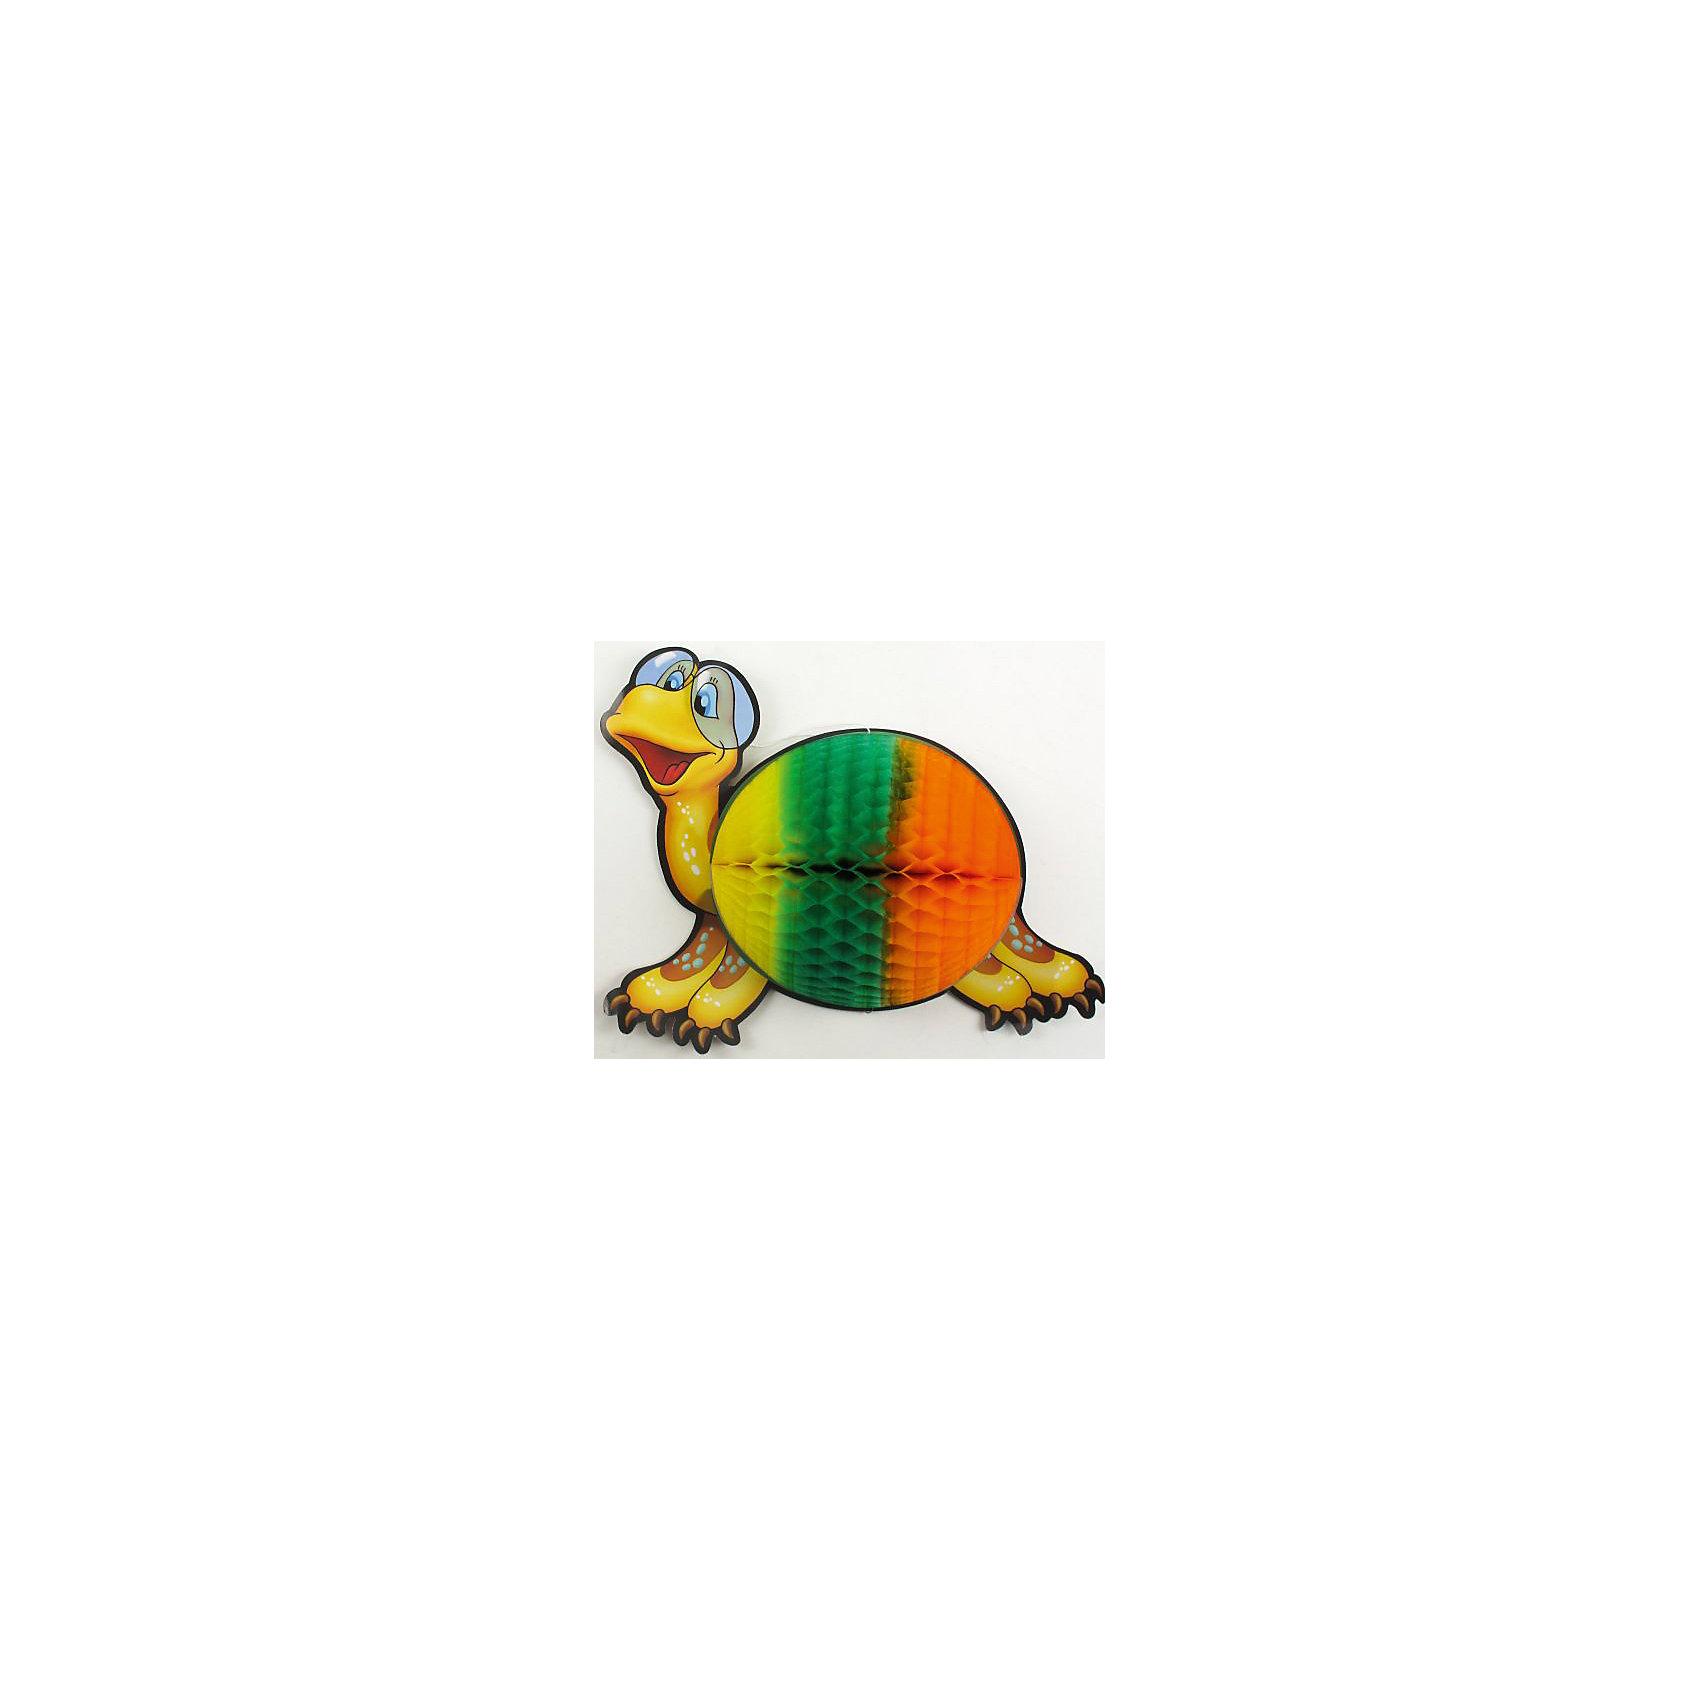 Бумажный фонарик ЧерепахаЯркий бумажный фонарик Черепаха поможет создать праздничное и веселое настроение на торжестве вашего ребенка!<br><br>Дополнительная информация:<br><br>- Возраст: от 3 лет.<br>- Материал: бумага.<br>- Размер упаковки: 30х52х1 см.<br>- Вес в упаковке: 100 г.<br><br>Купить бумажный фонарик Черепаха можно в нашем магазине.<br><br>Ширина мм: 30<br>Глубина мм: 52<br>Высота мм: 1<br>Вес г: 100<br>Возраст от месяцев: 12<br>Возраст до месяцев: 2147483647<br>Пол: Унисекс<br>Возраст: Детский<br>SKU: 4797449